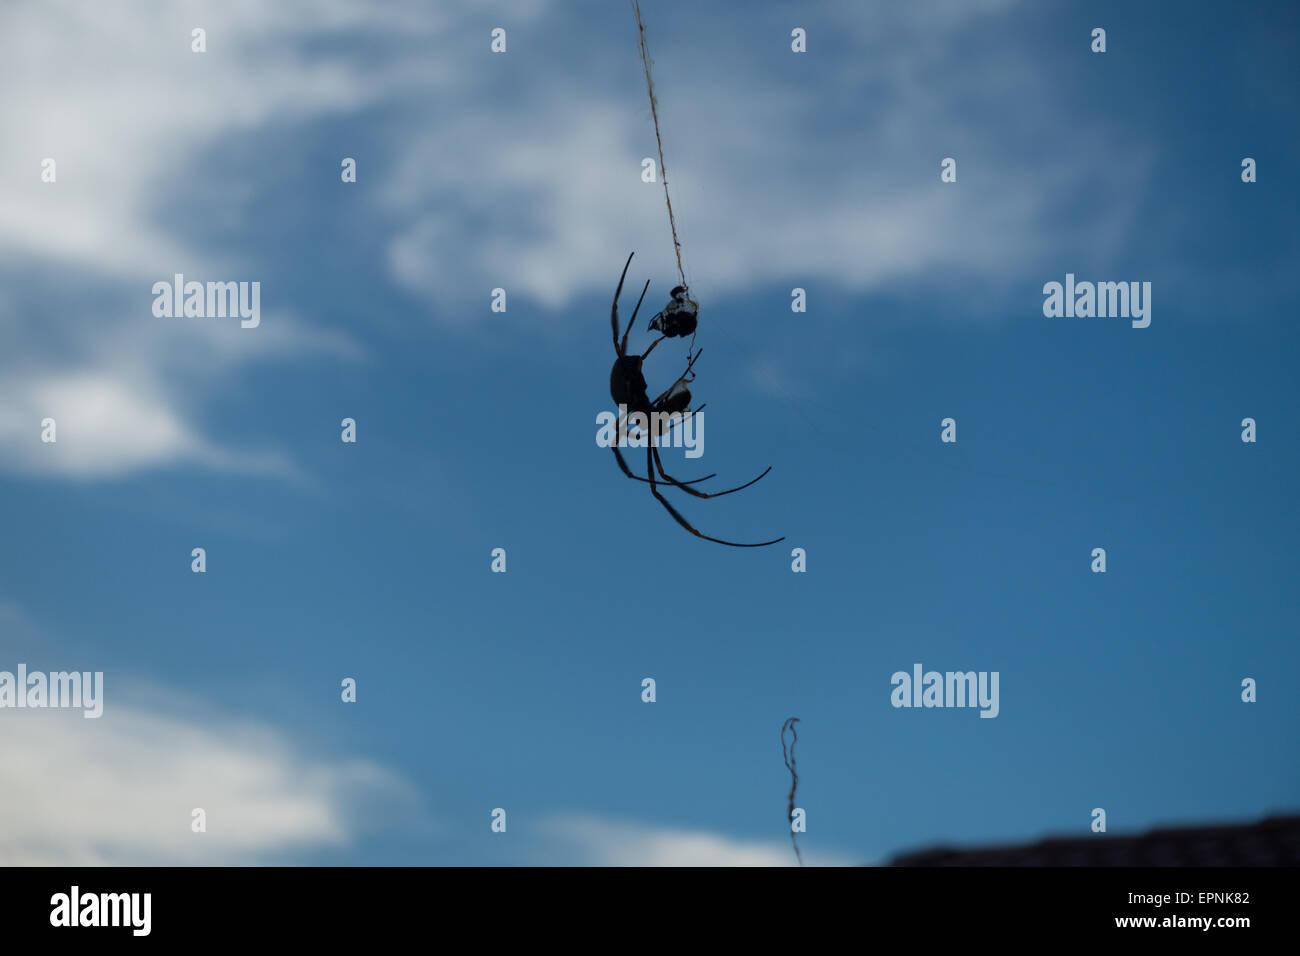 Australian Spider against Blue Sky - Stock Image